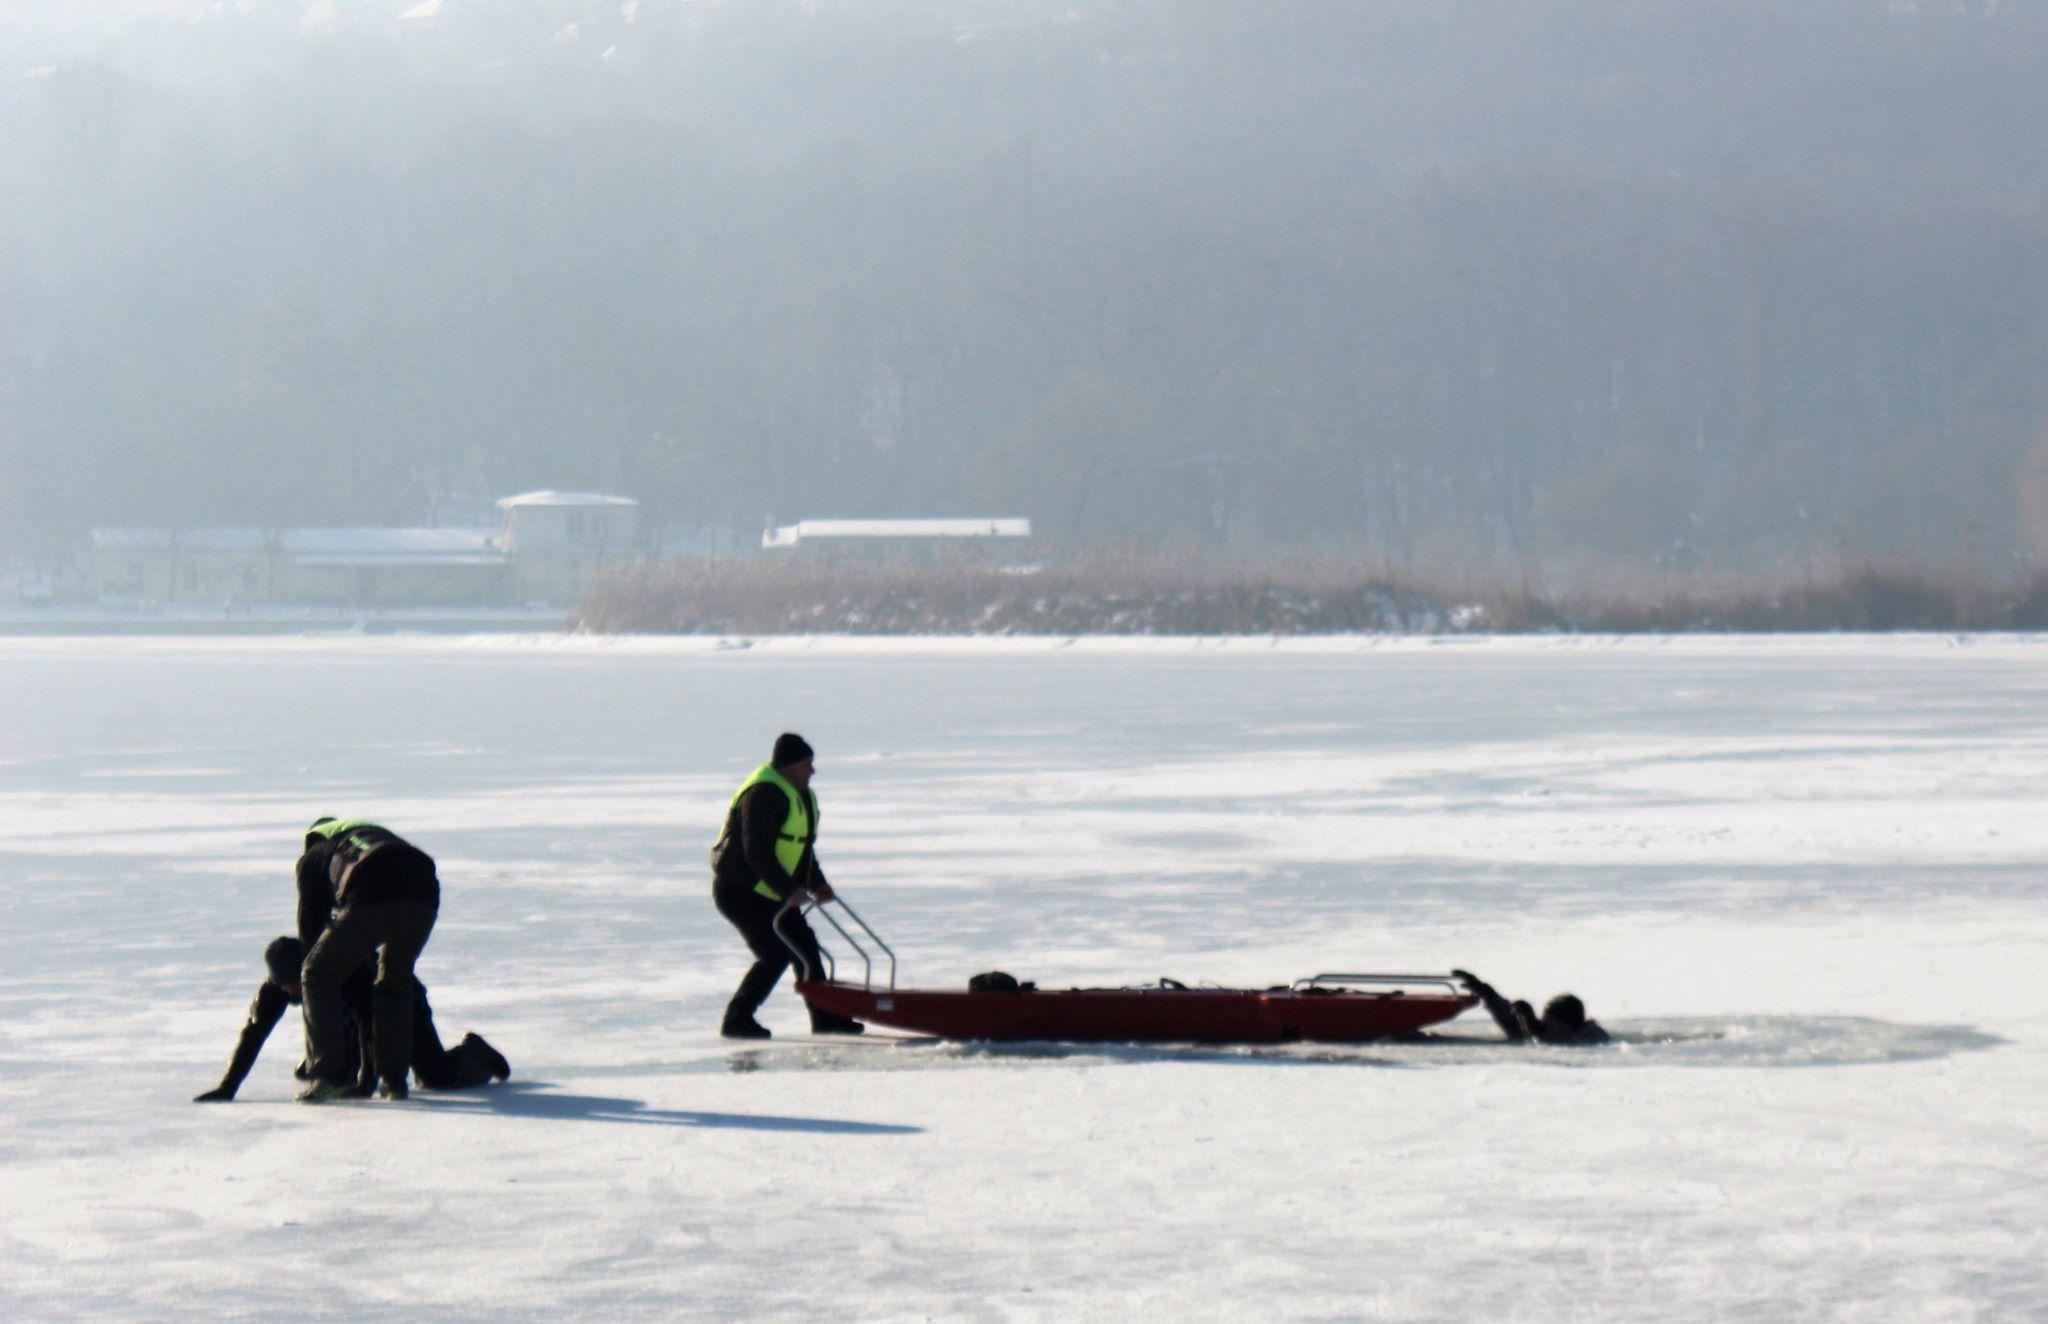 В ГИЧС напомнили о мерах безопасности на водных объектах в зимний период (ВИДЕО)